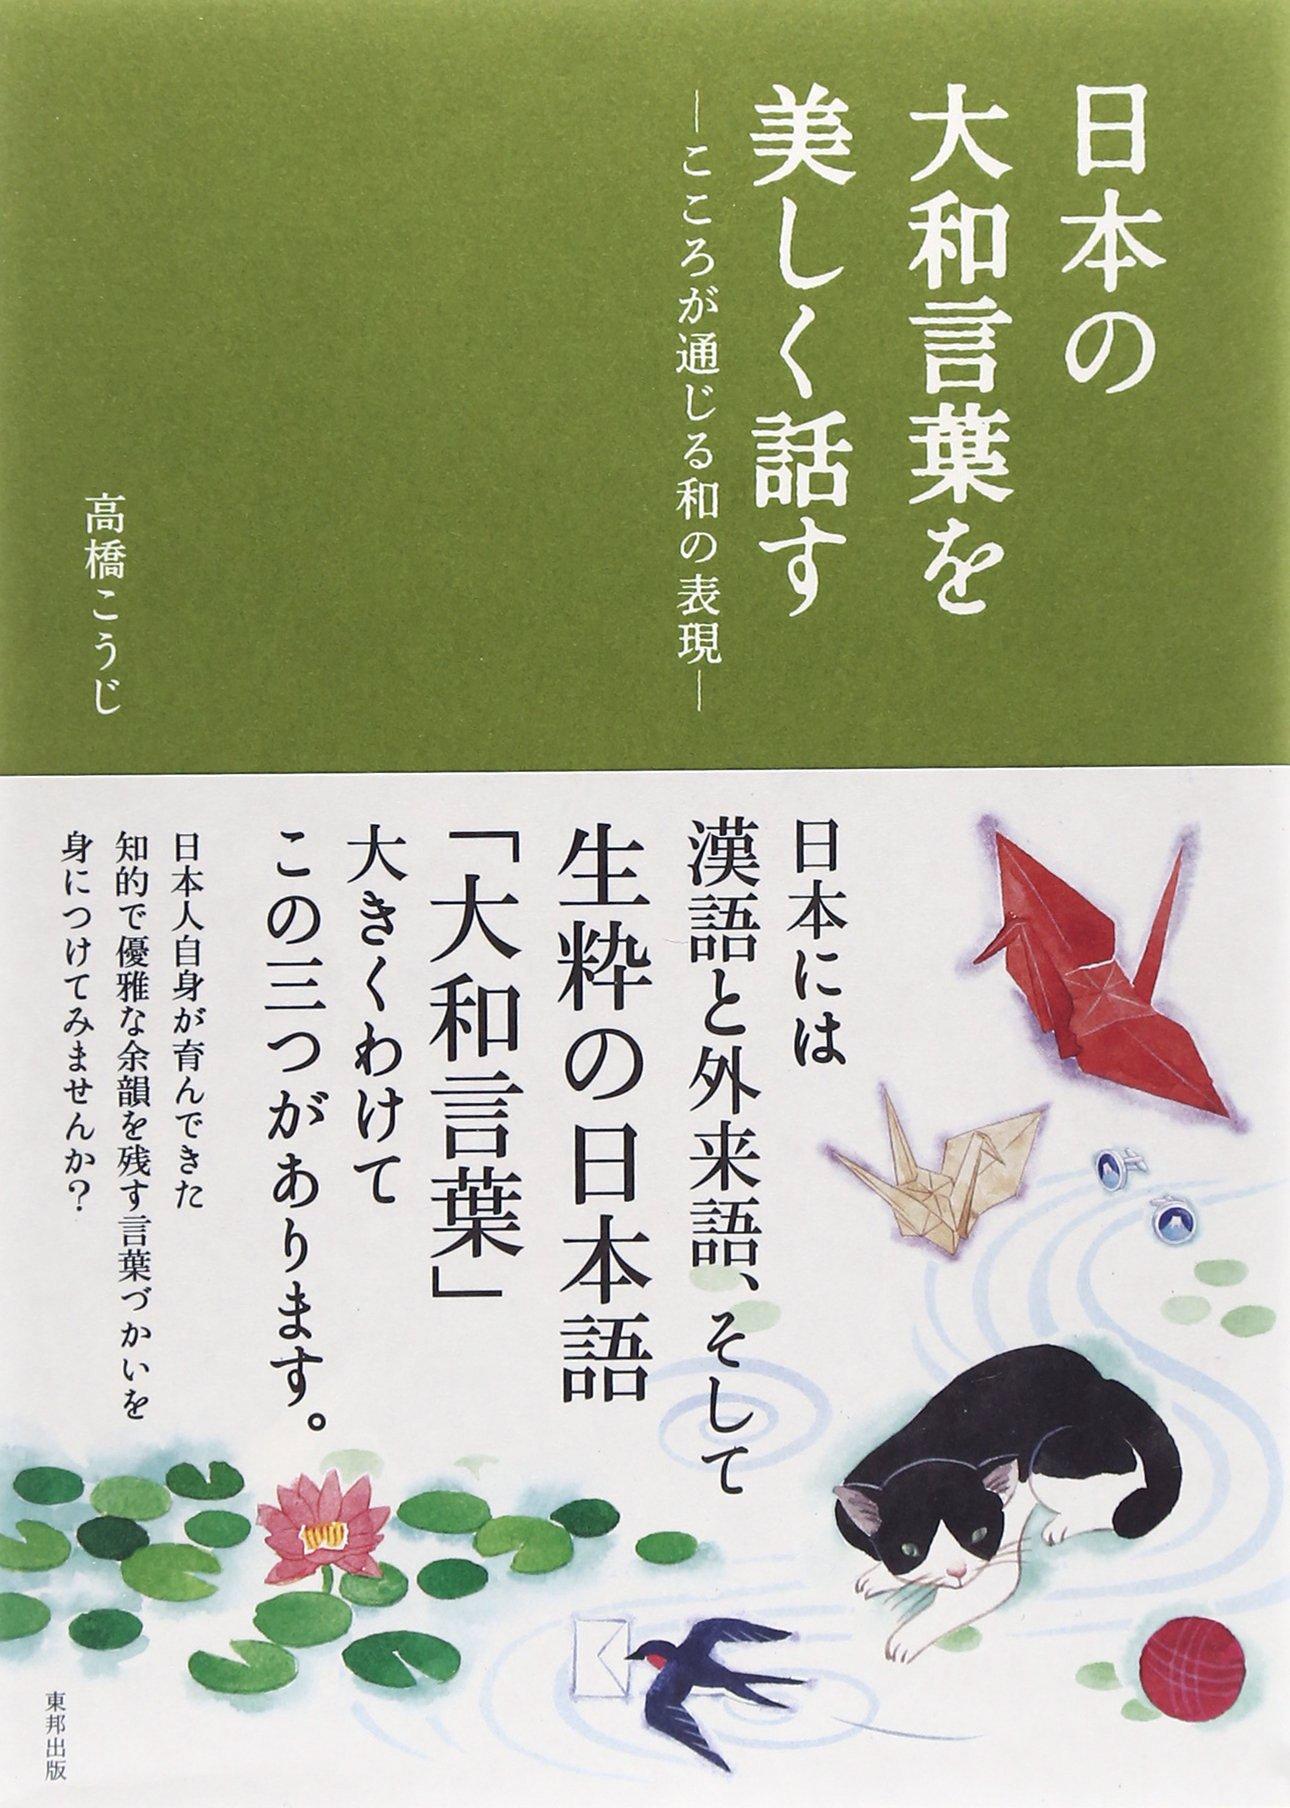 日本の大和言葉を美しく話す -・・